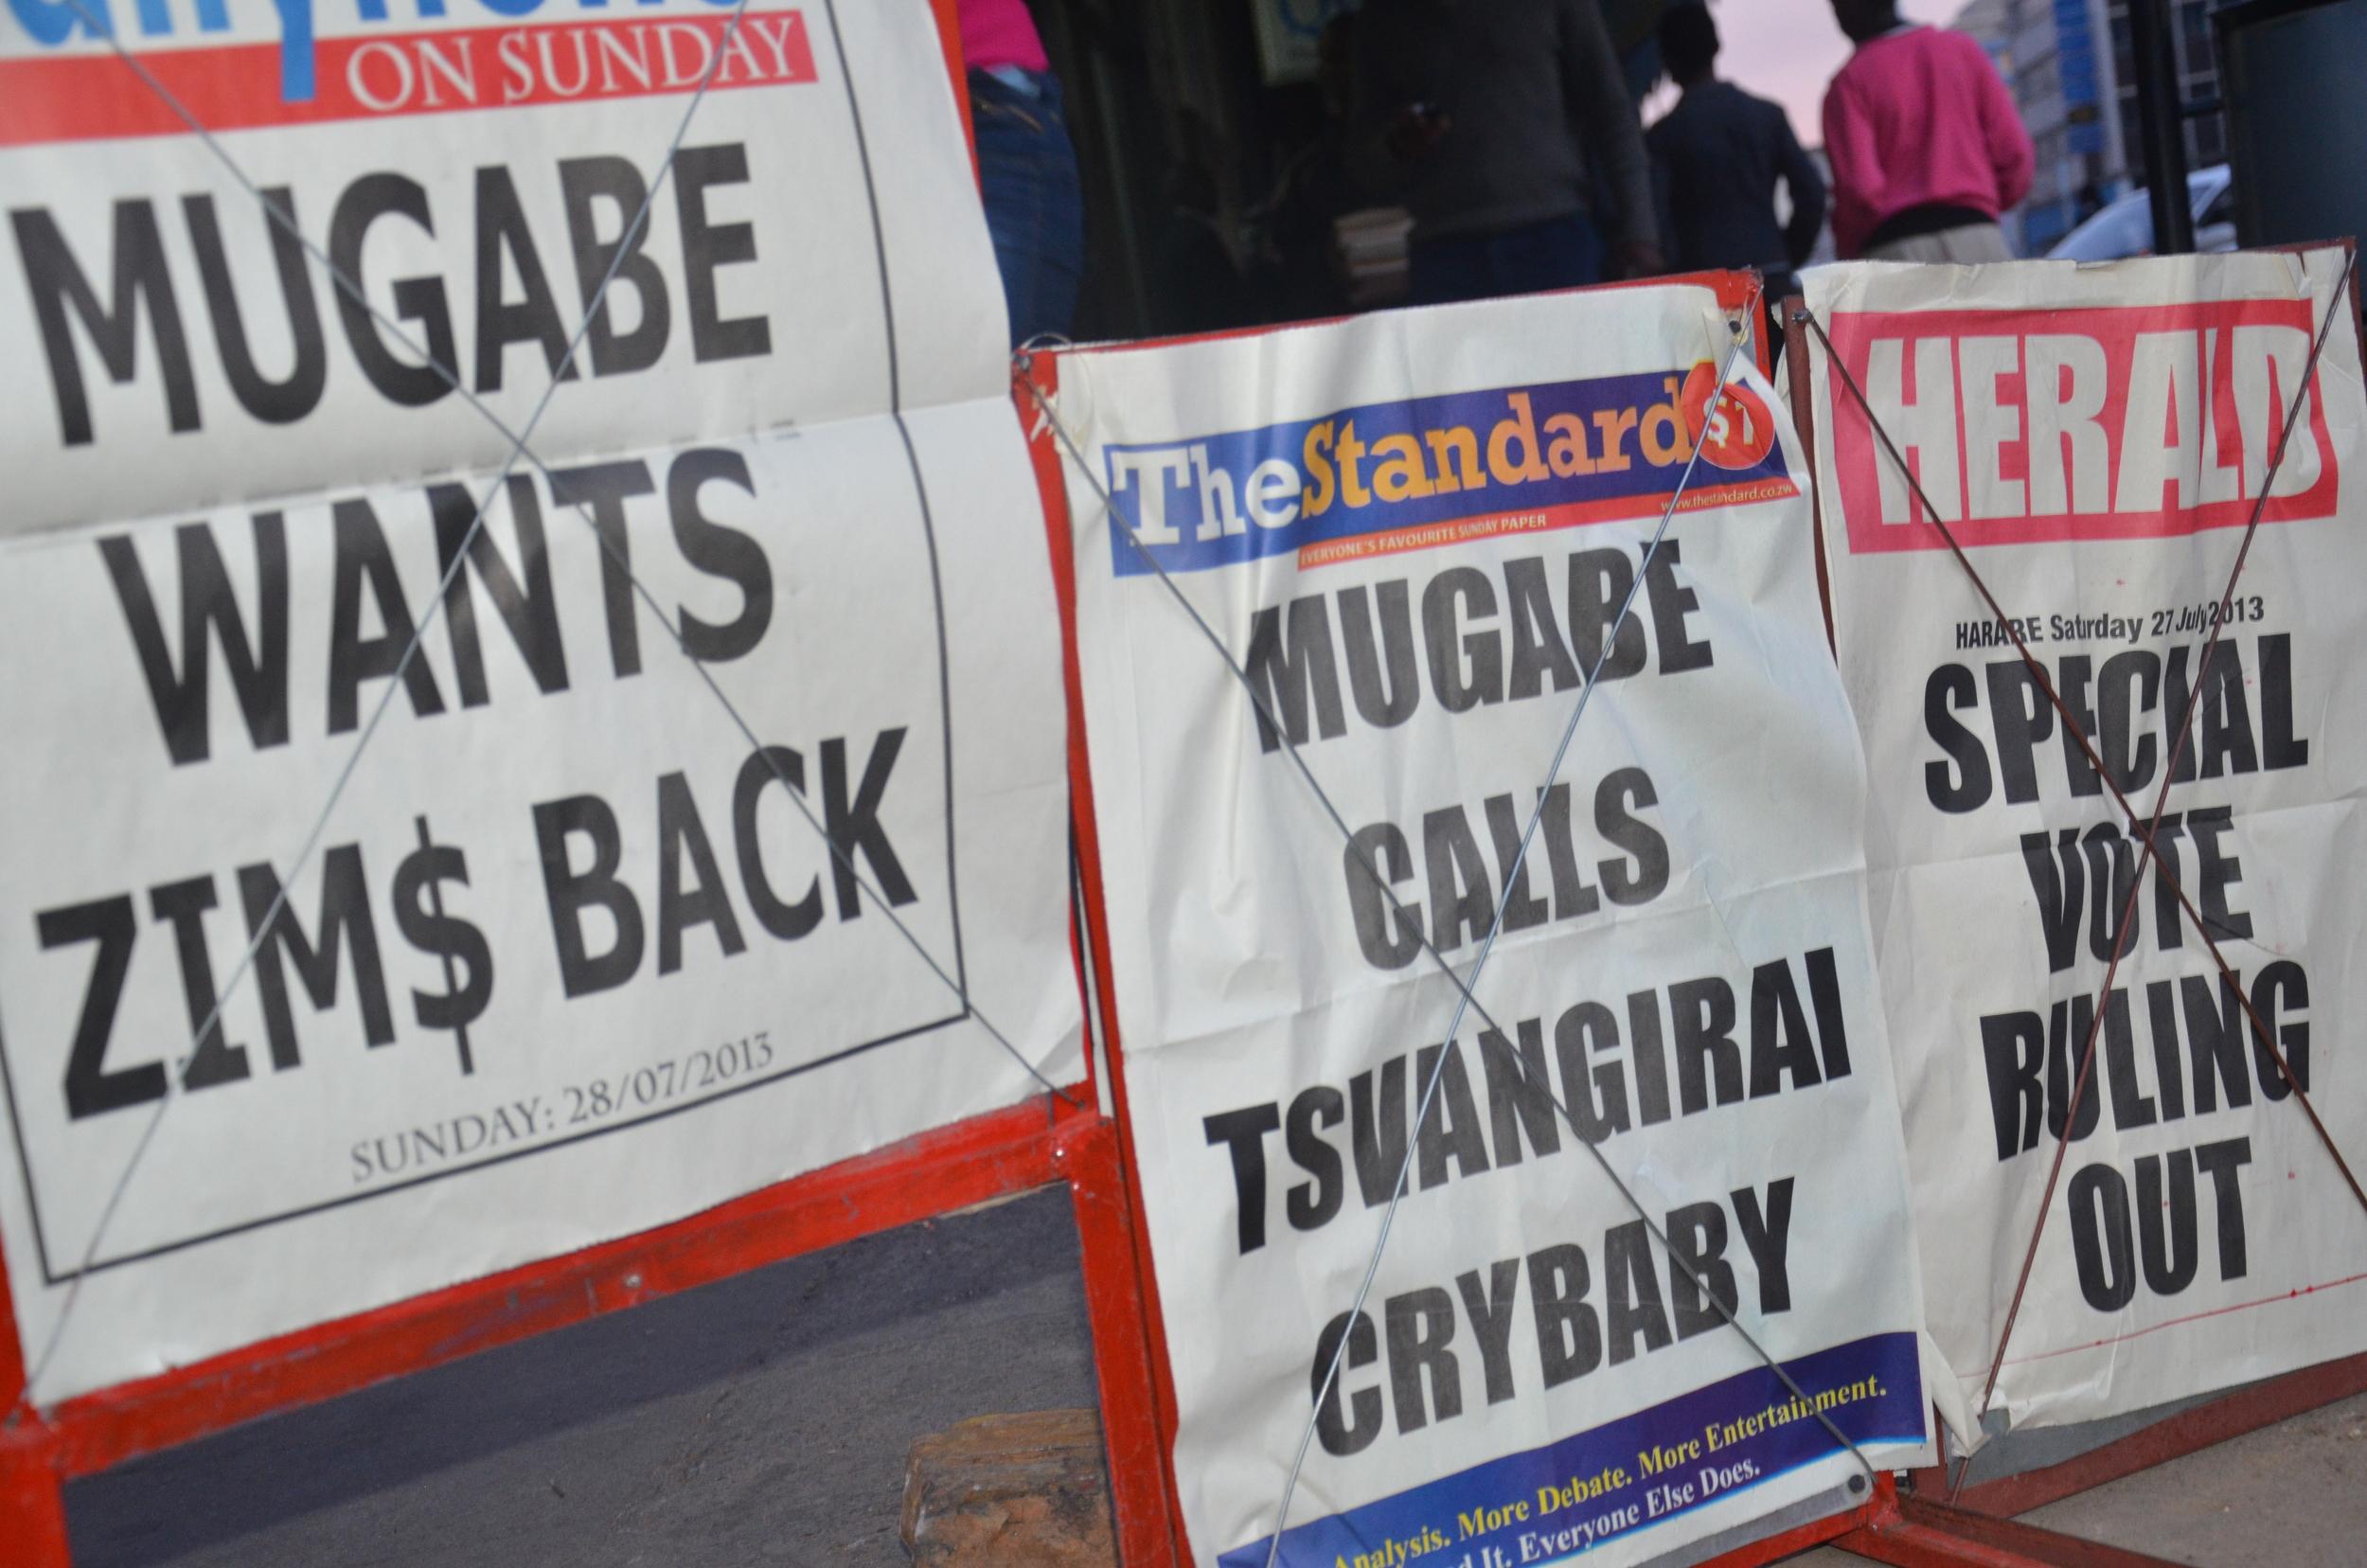 Newspaper headlines on 28 July 2013